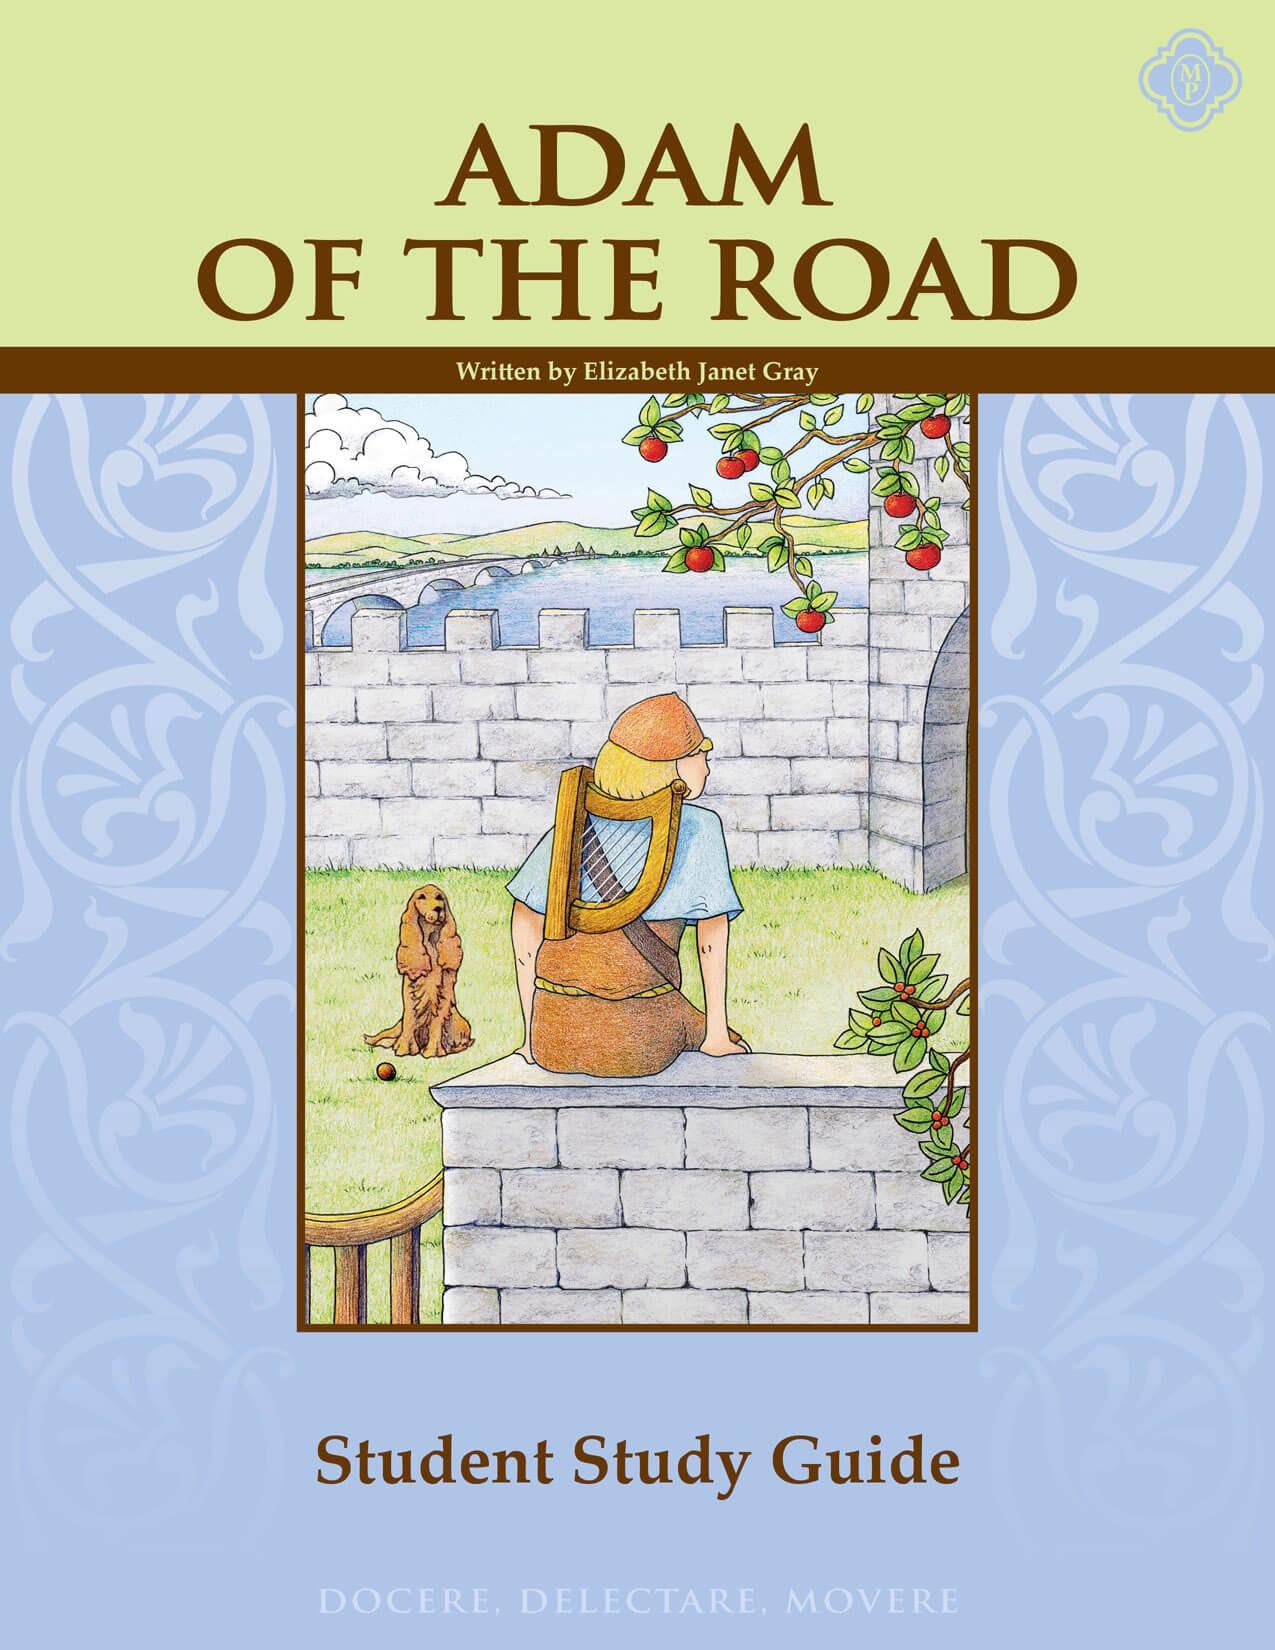 Adam of the Road Literature Guide Student Edition- Memoria Press